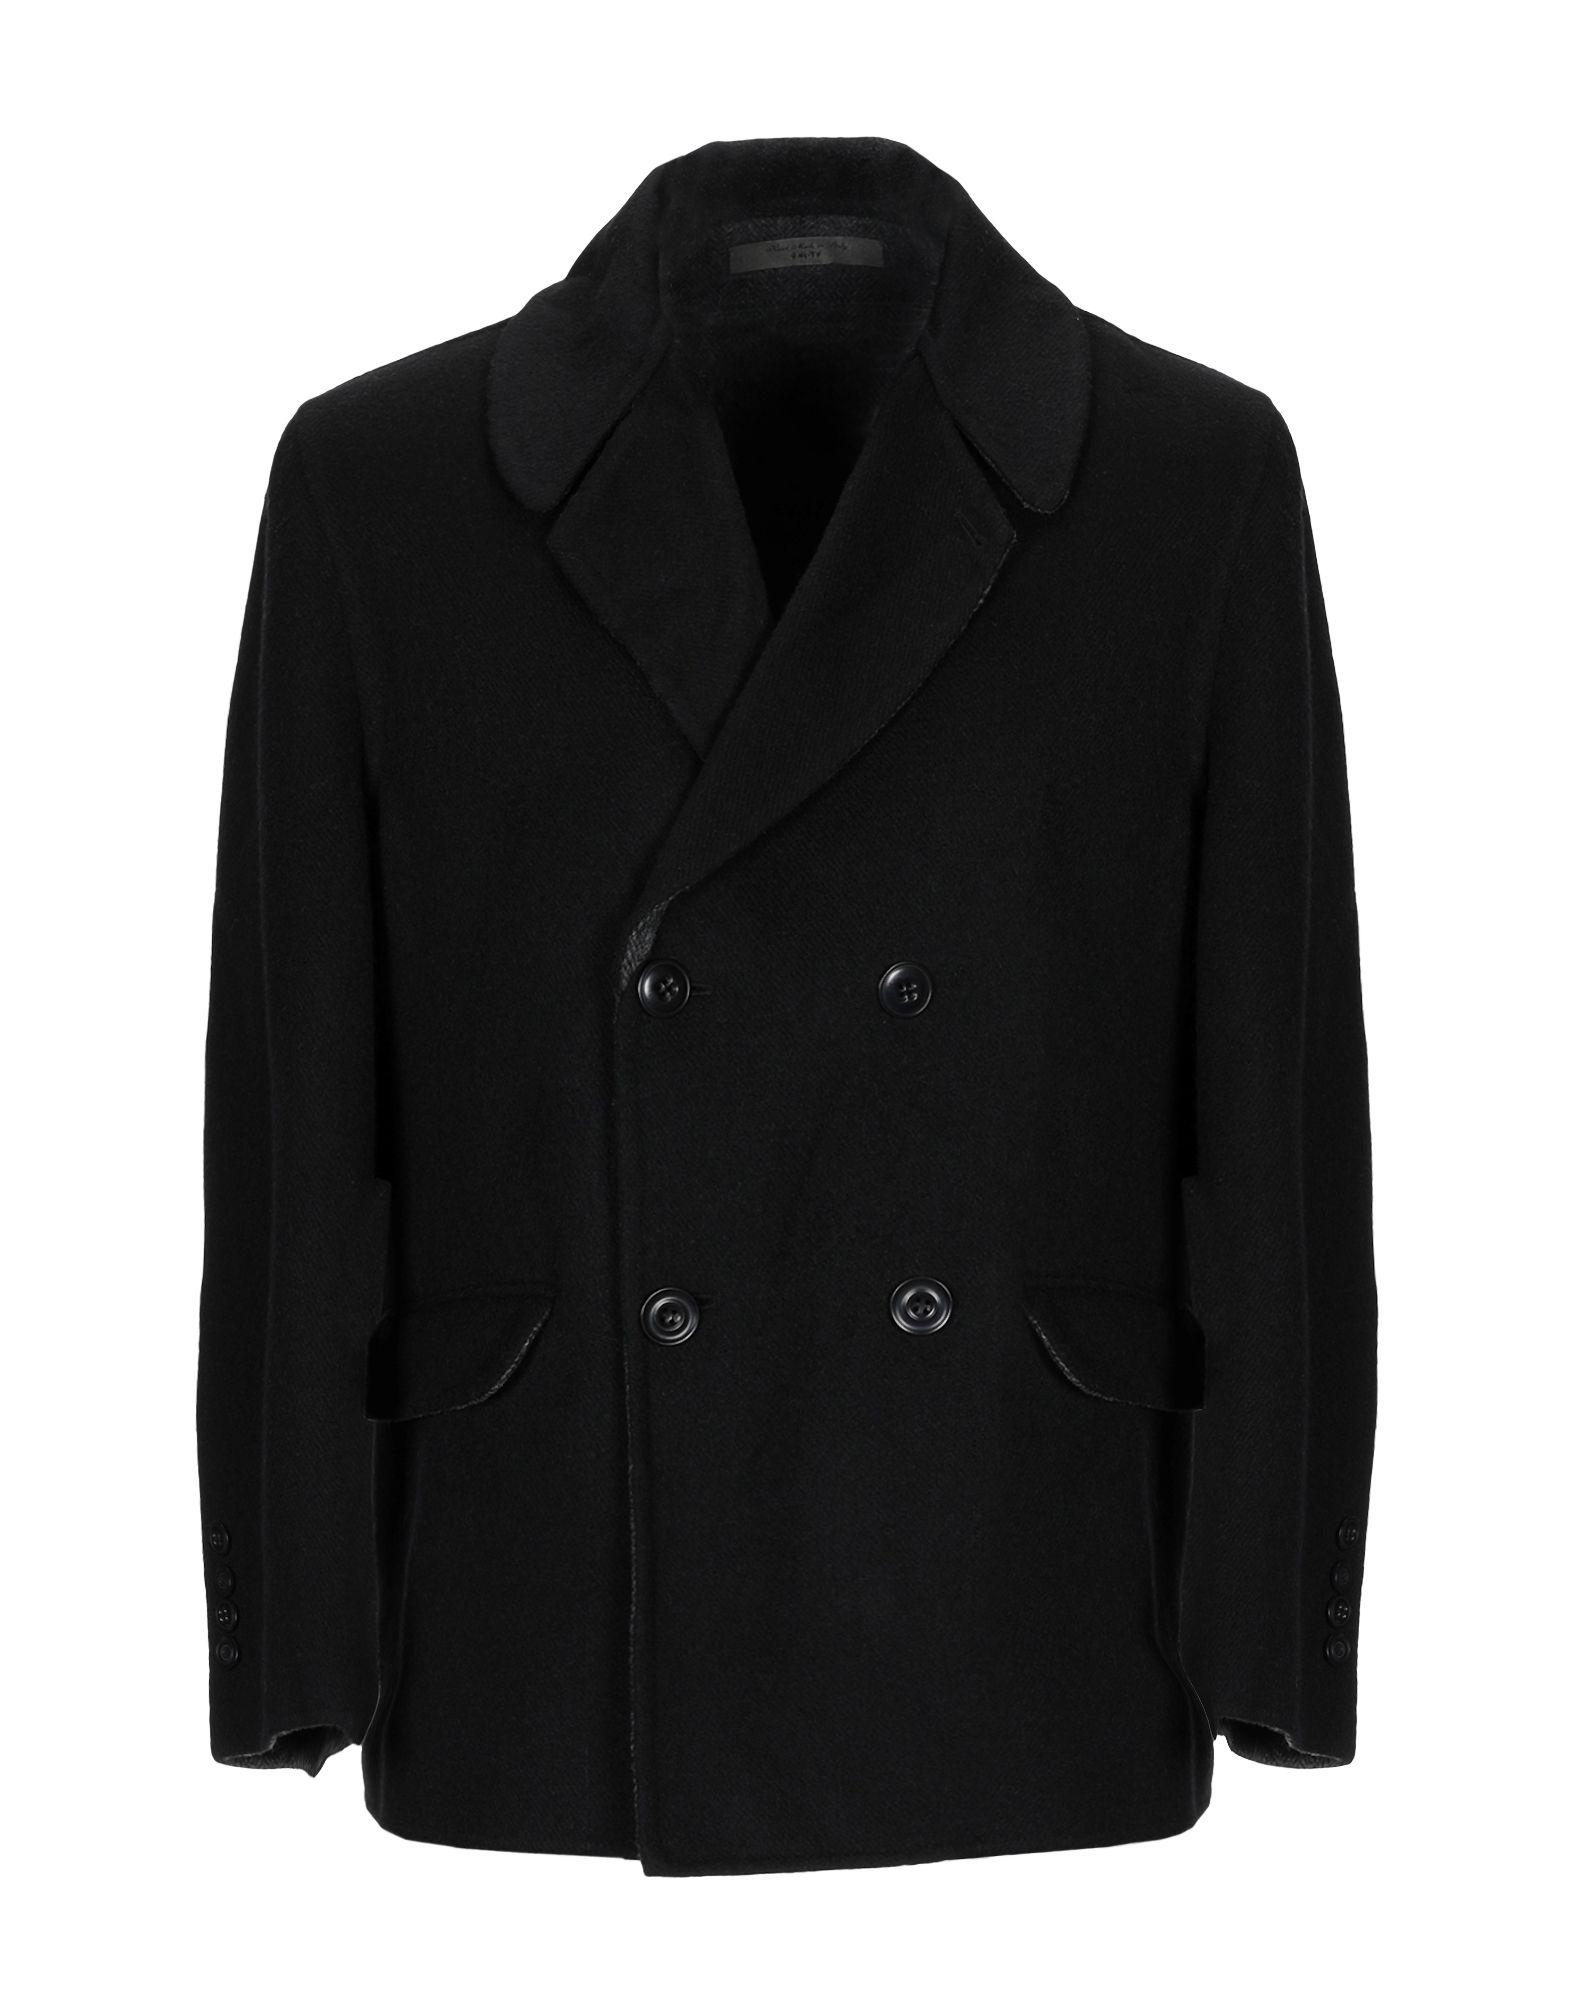 цены на U-NI-TY Пиджак  в интернет-магазинах